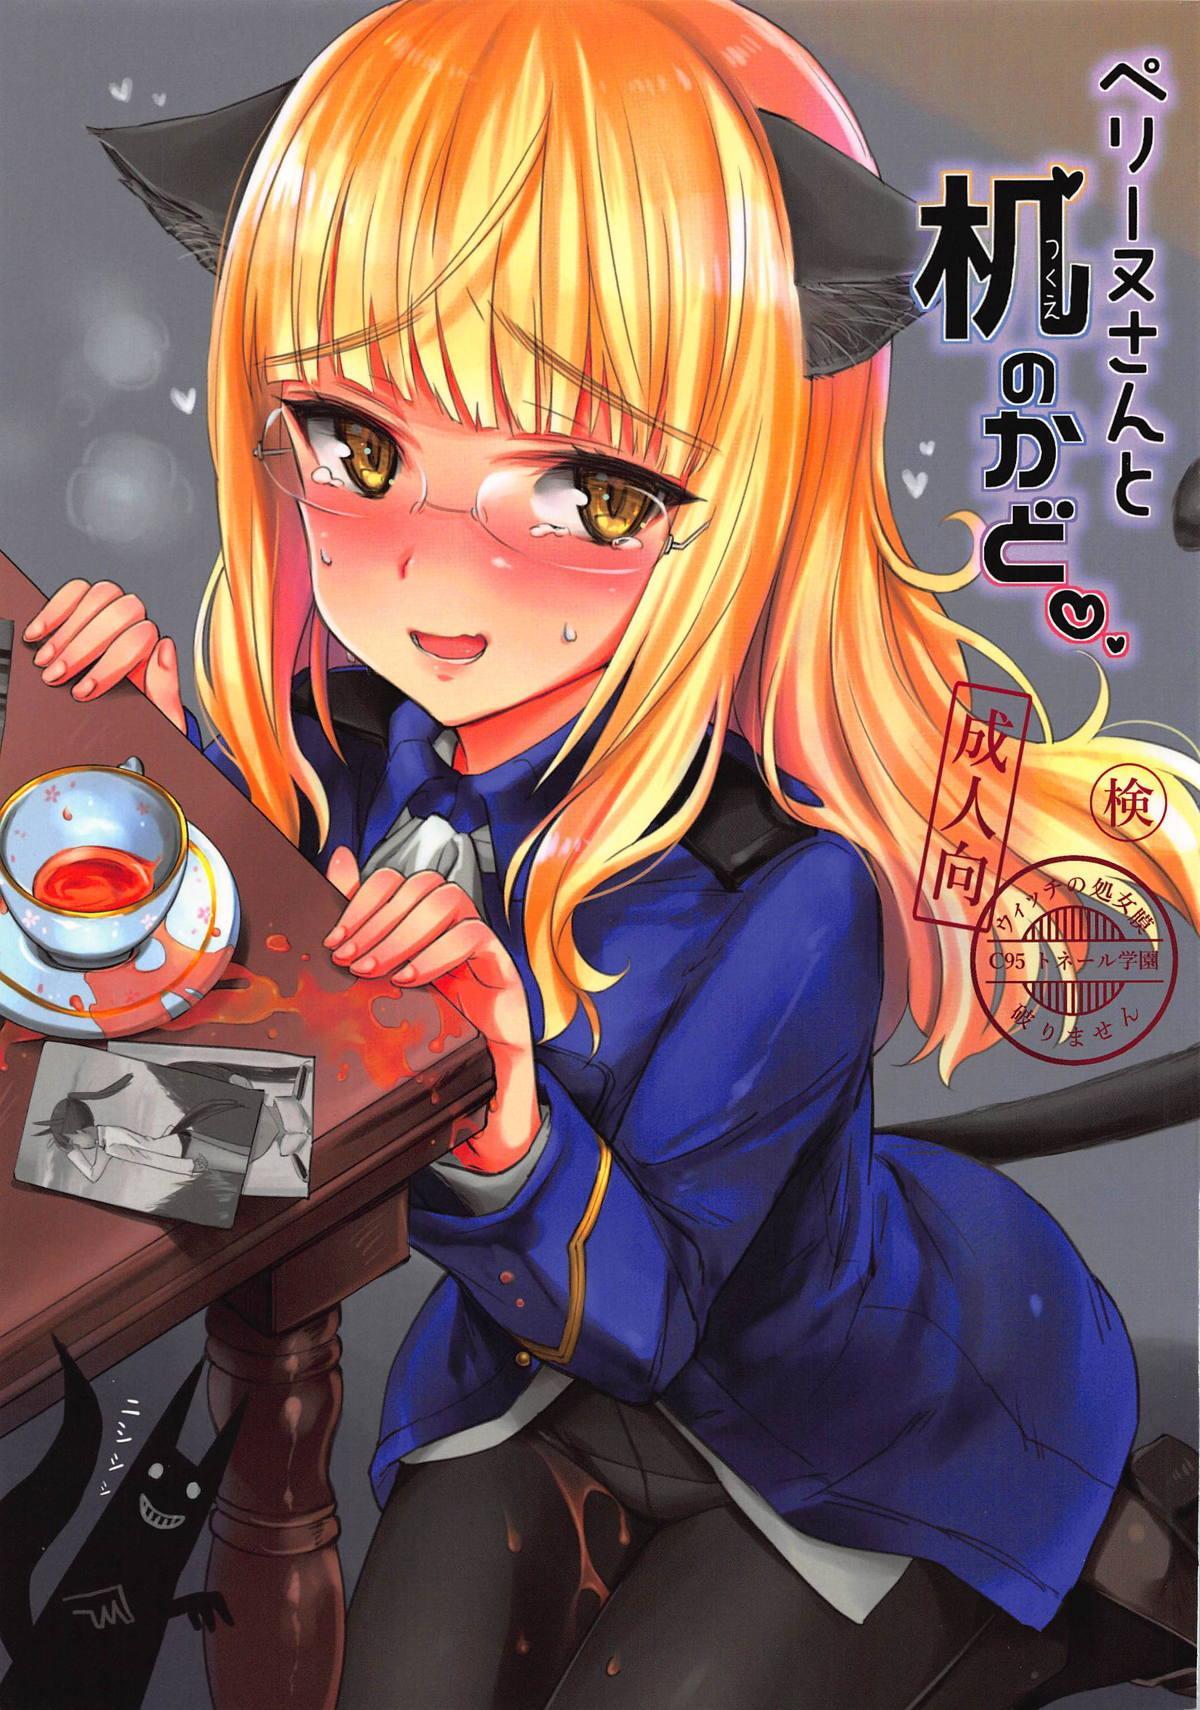 Perrine-san to Tsukue no Kado 0